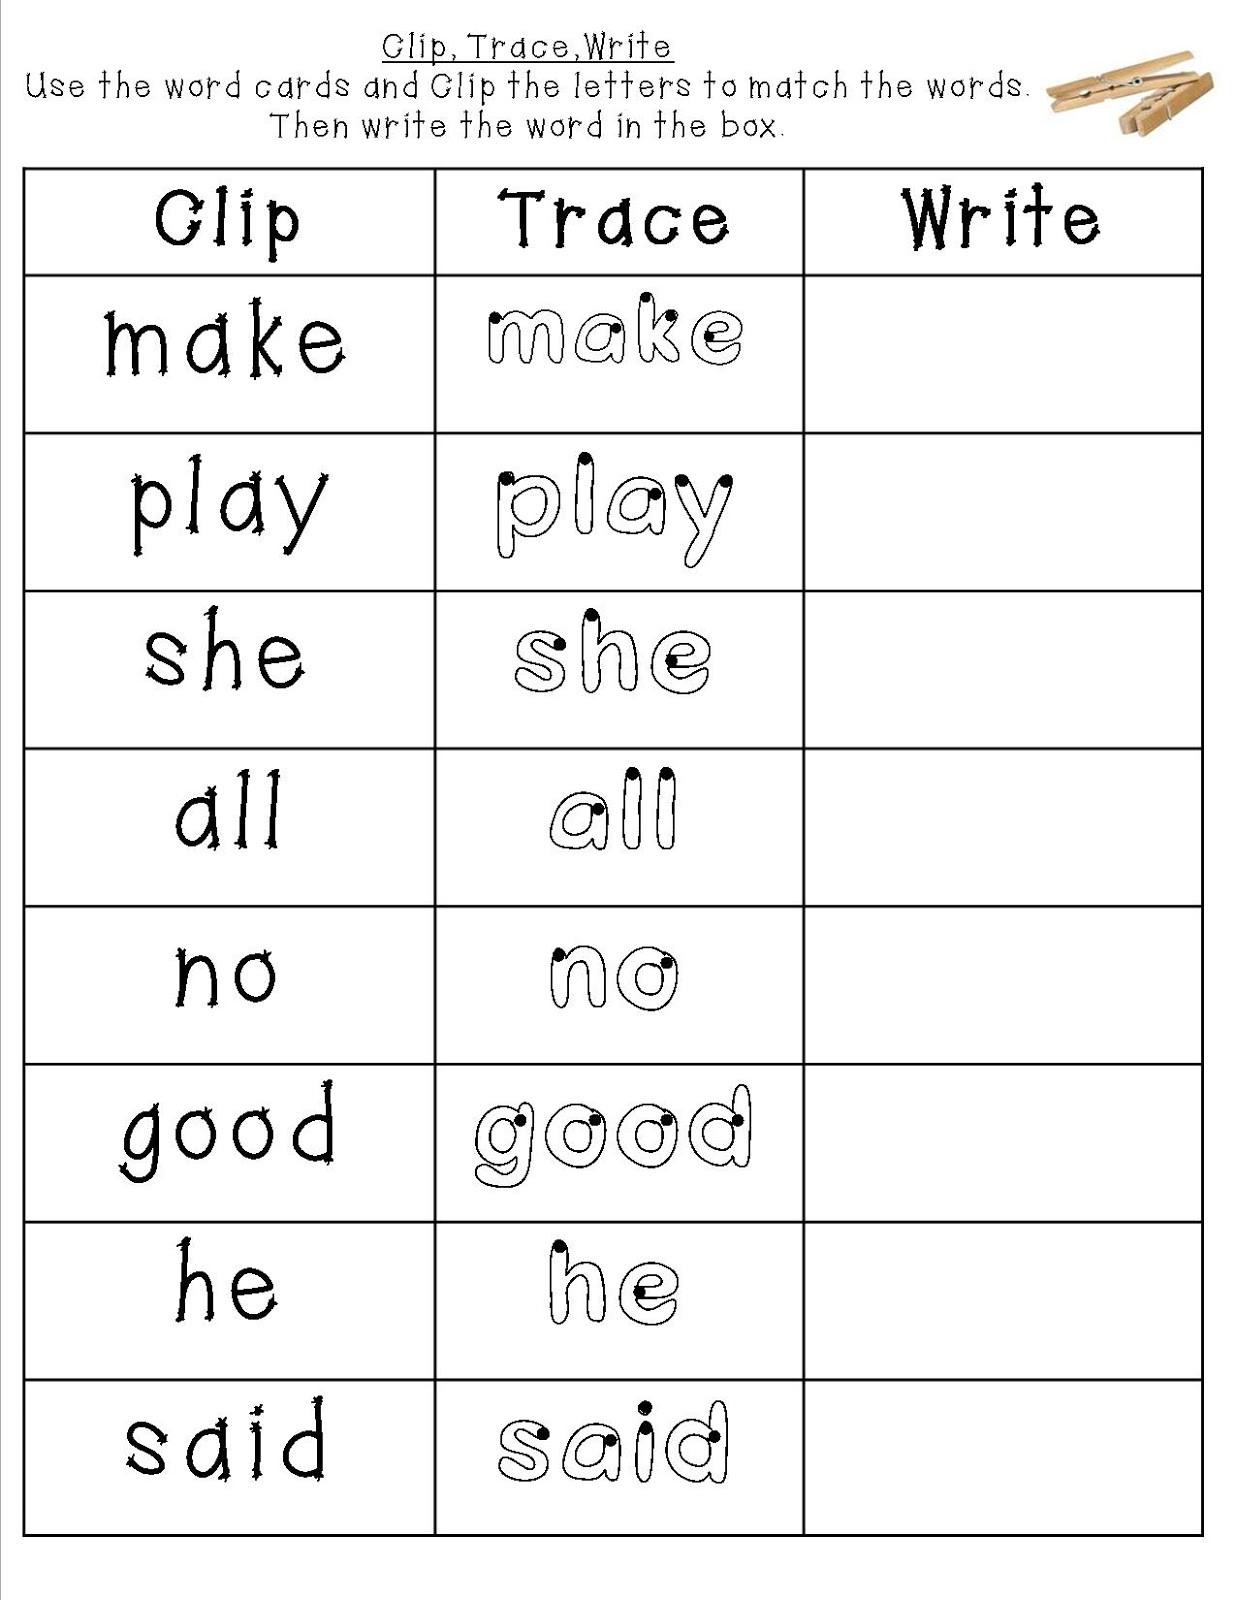 Kindergarten Sight Words Worksheet Free top Free Printable Sight Word Worksheets for Kindergarten